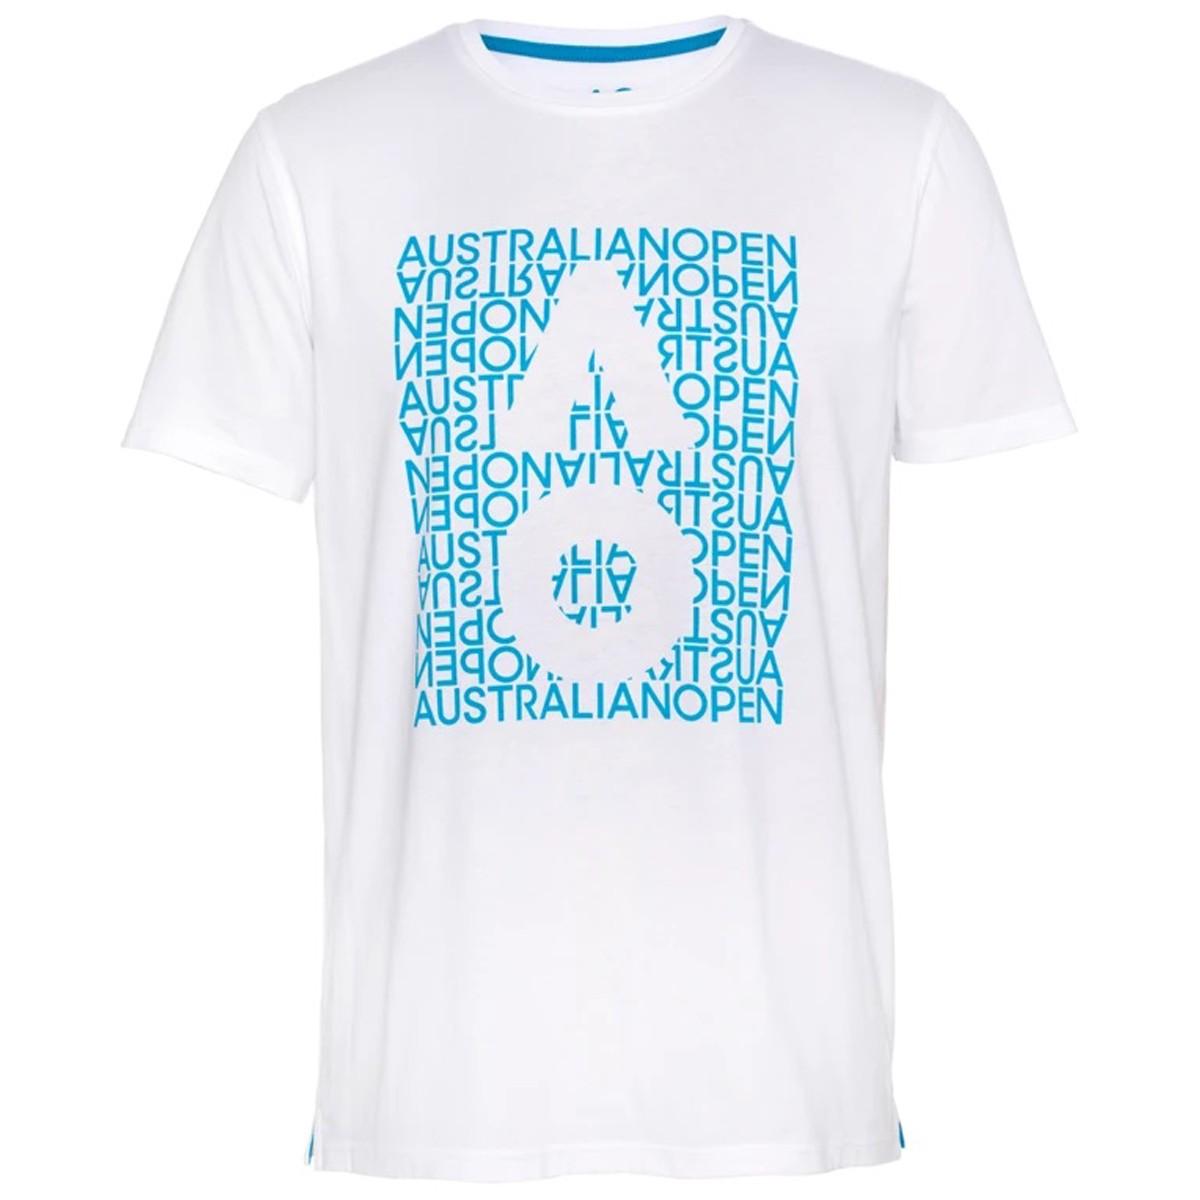 T-SHIRT AUSTRALIAN OPEN 2020 PLAYFUL